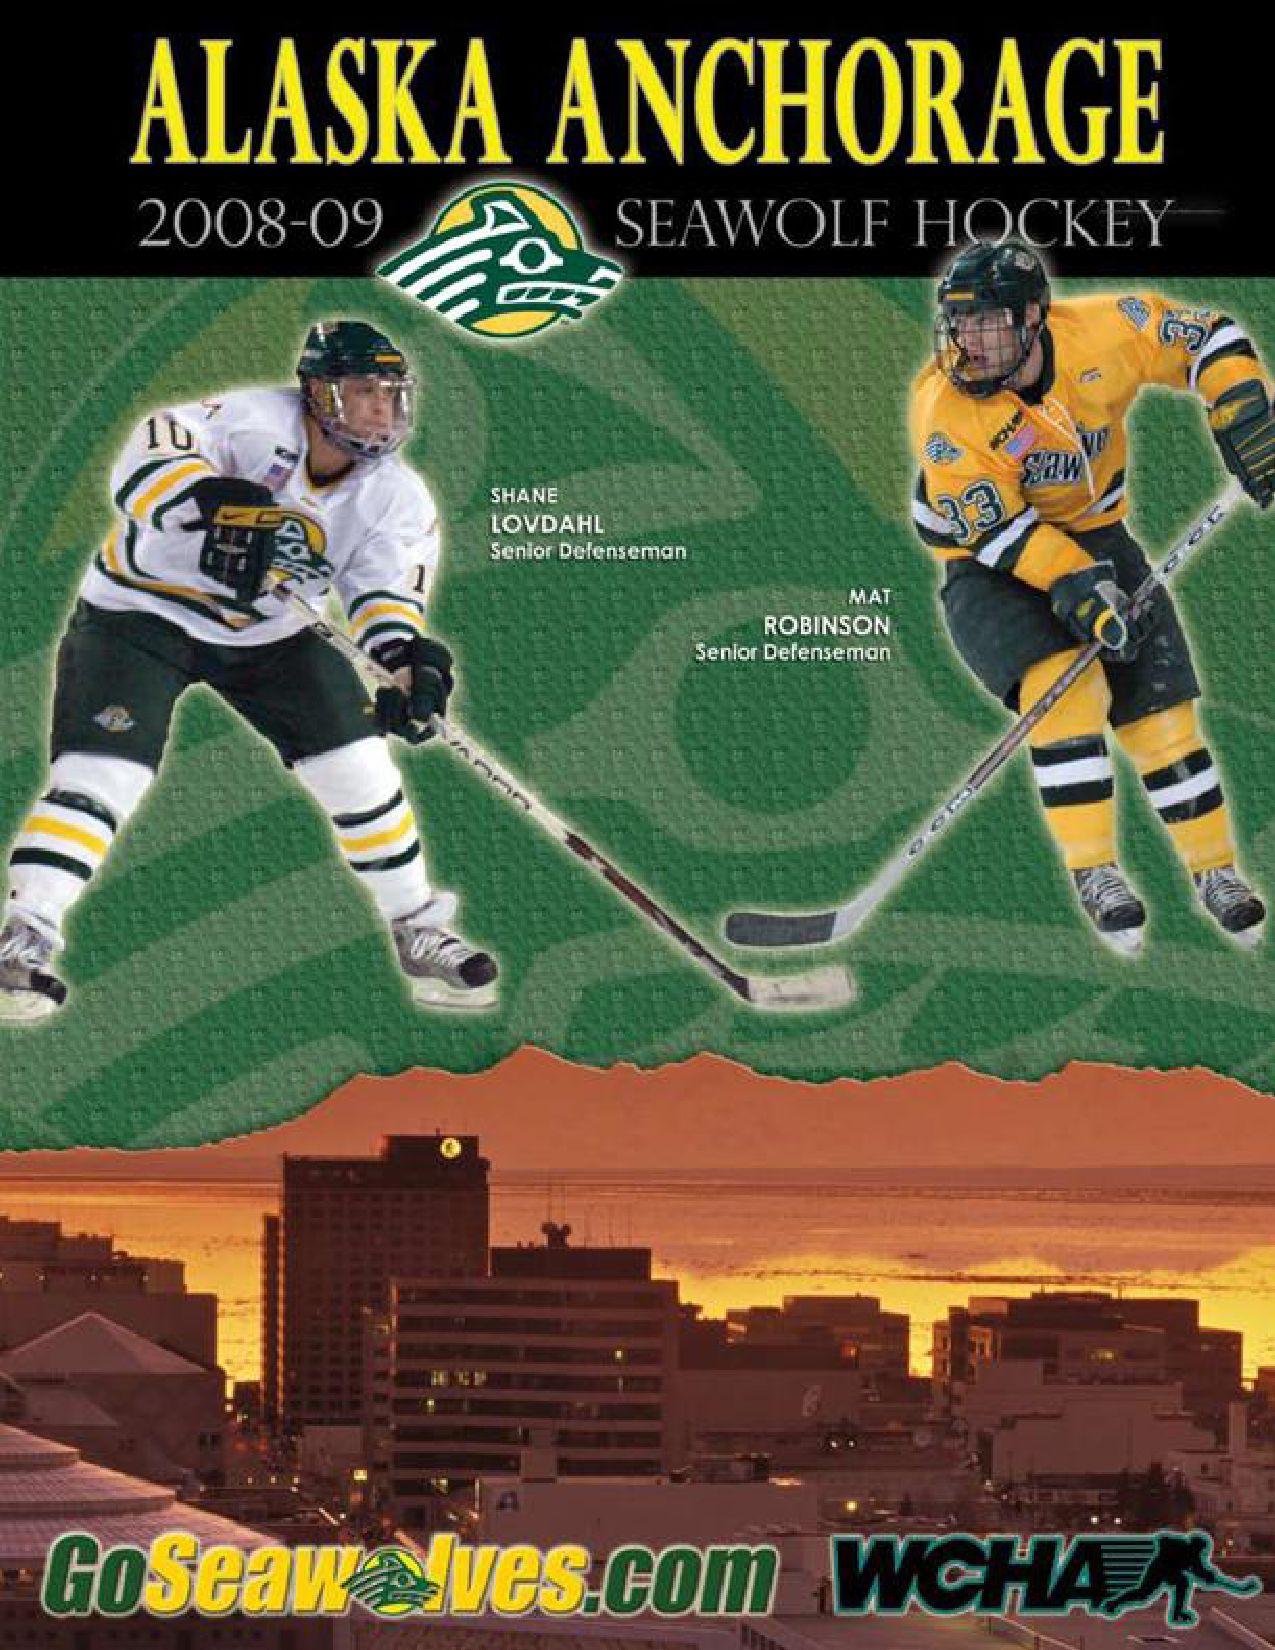 2008 09 Alaska Anchorage Hockey Media Guide By Nate Sagan Issuu Prevost Bus Wiring Ac Fan